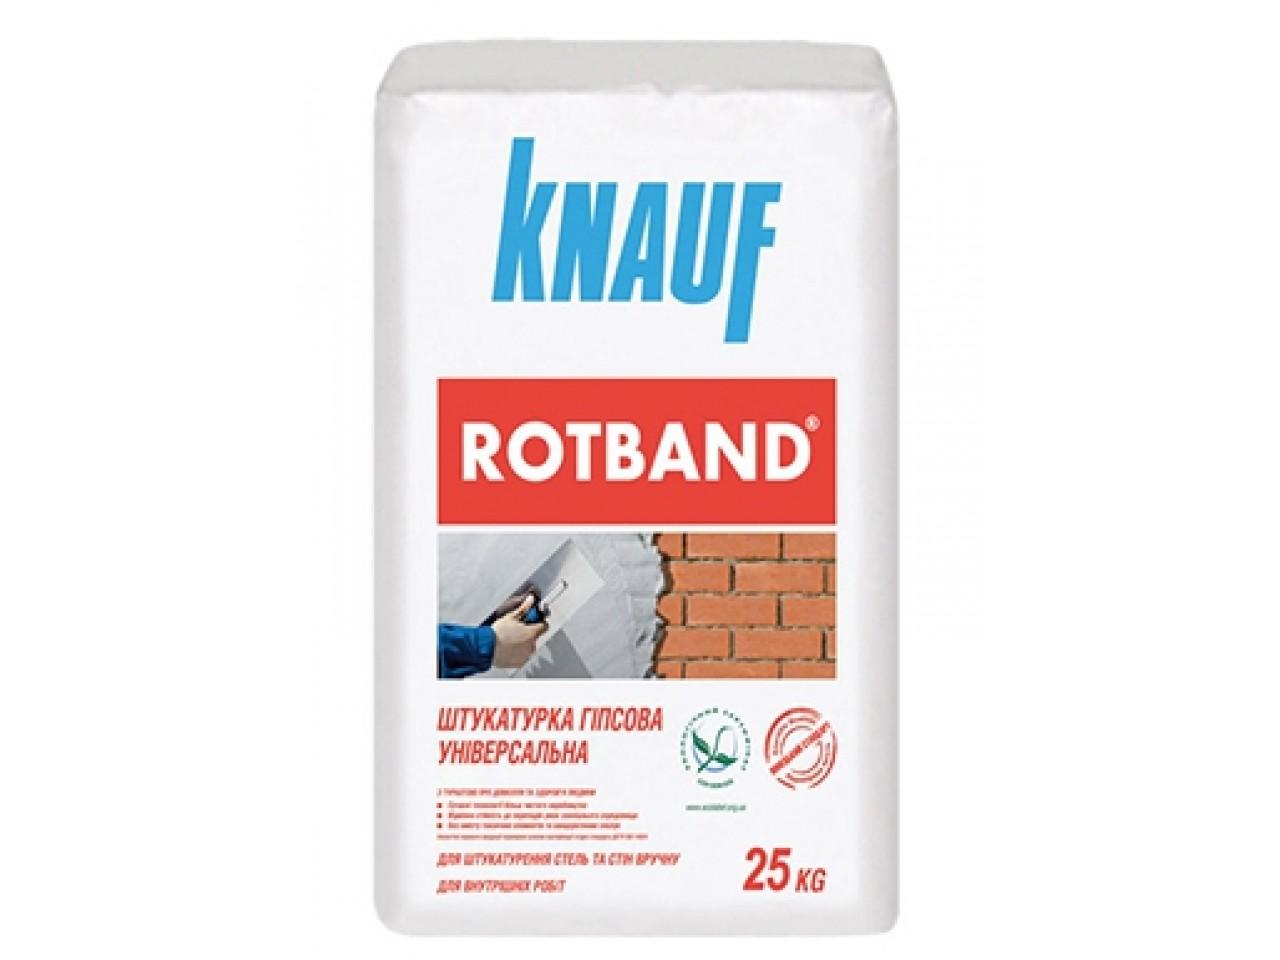 Универсальная  гипсовая штукатурка Кнауф Ротбанд (Knauf Rotband) 30 кг